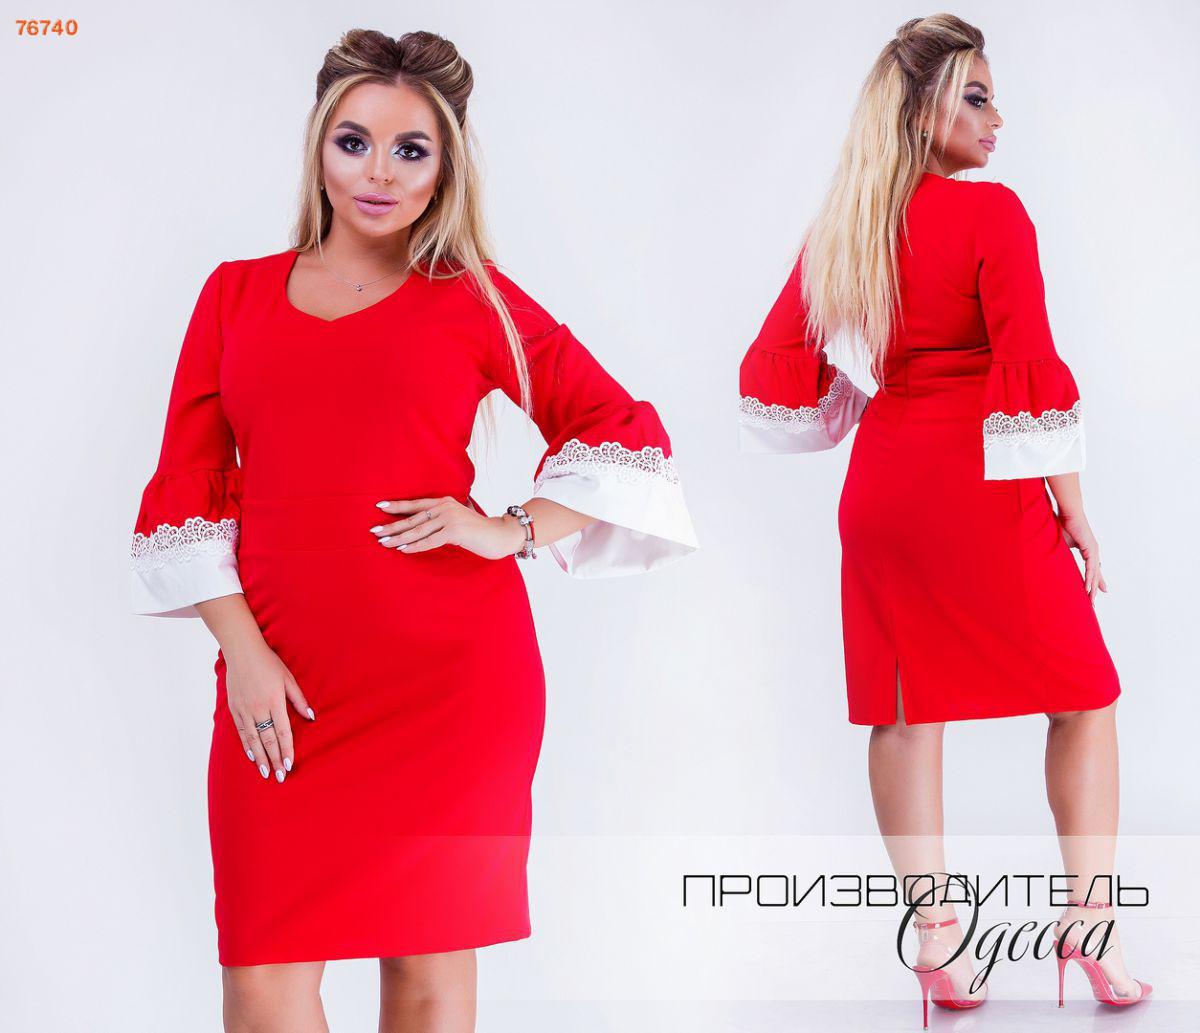 0f41a126d41507f Платье женское норма и Большого размера - Интернет магазин «miss-podium» в  Харькове